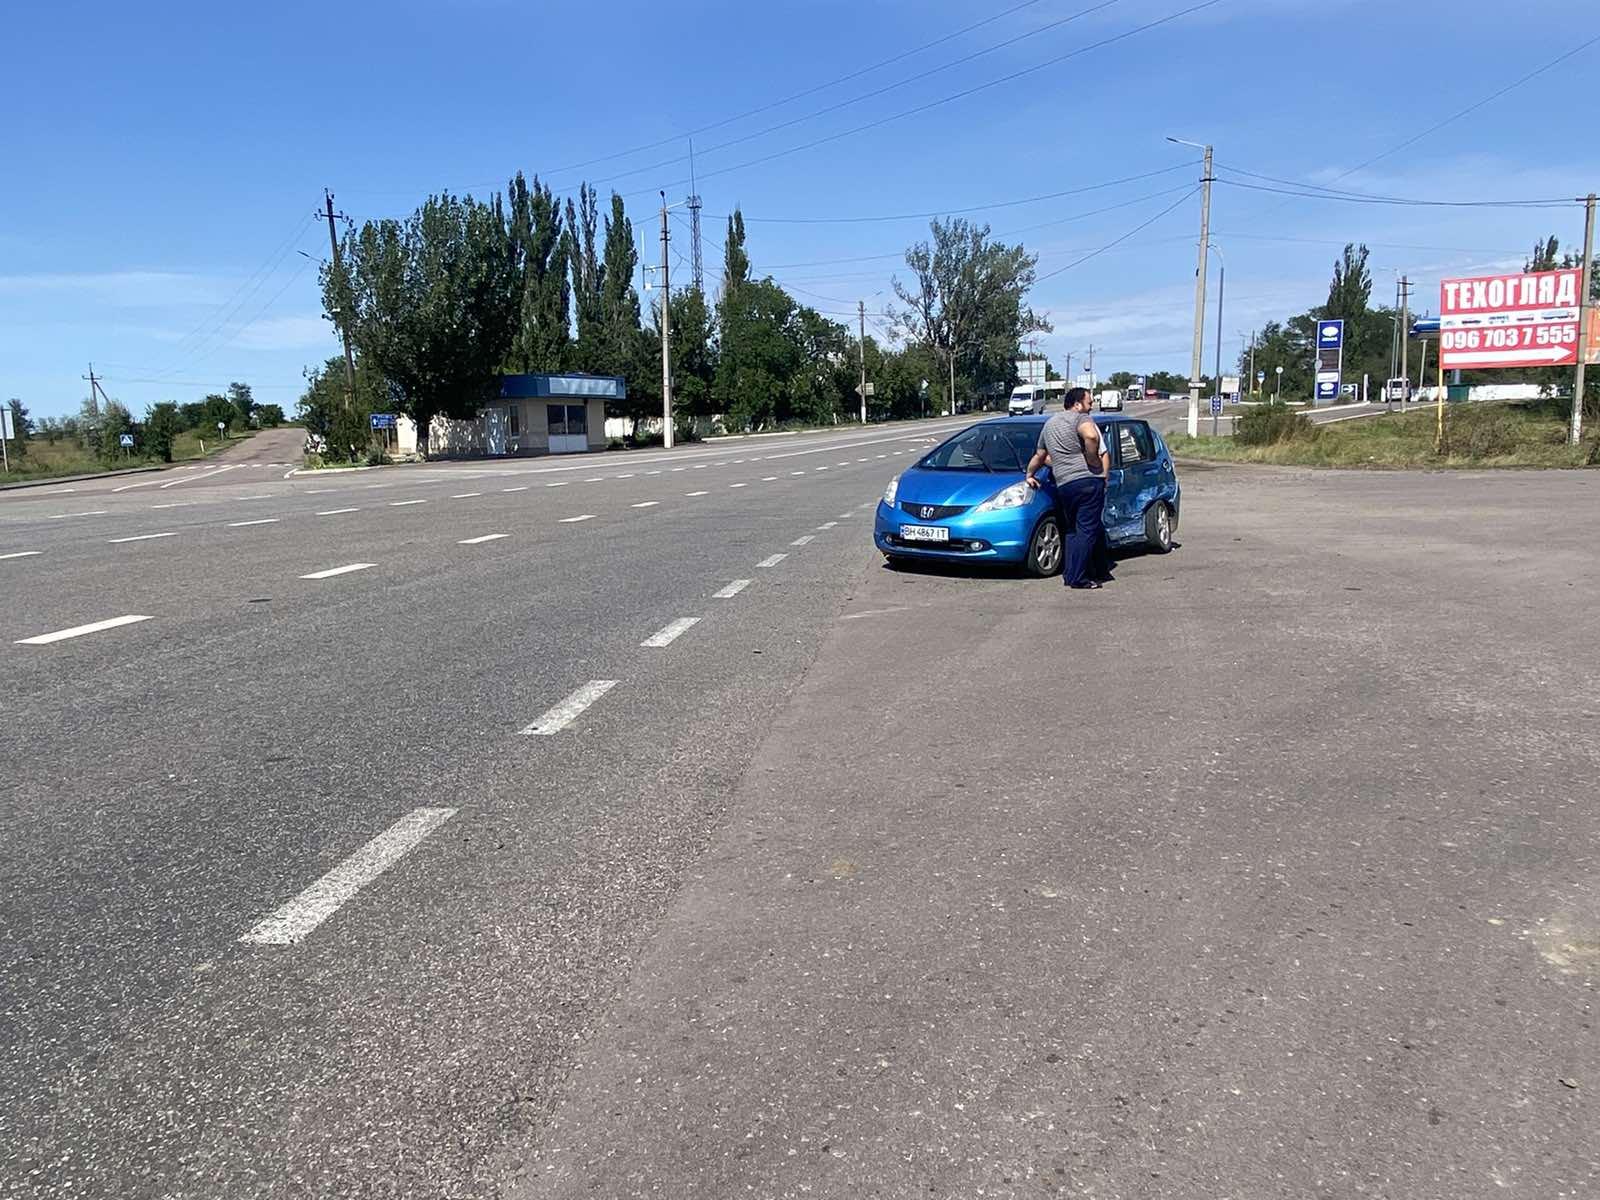 Сорванный отдых на море и встреча с внуком: из-за невнимательности на трассе Одесса-Рени столкнулись BMW и Honda (фото)